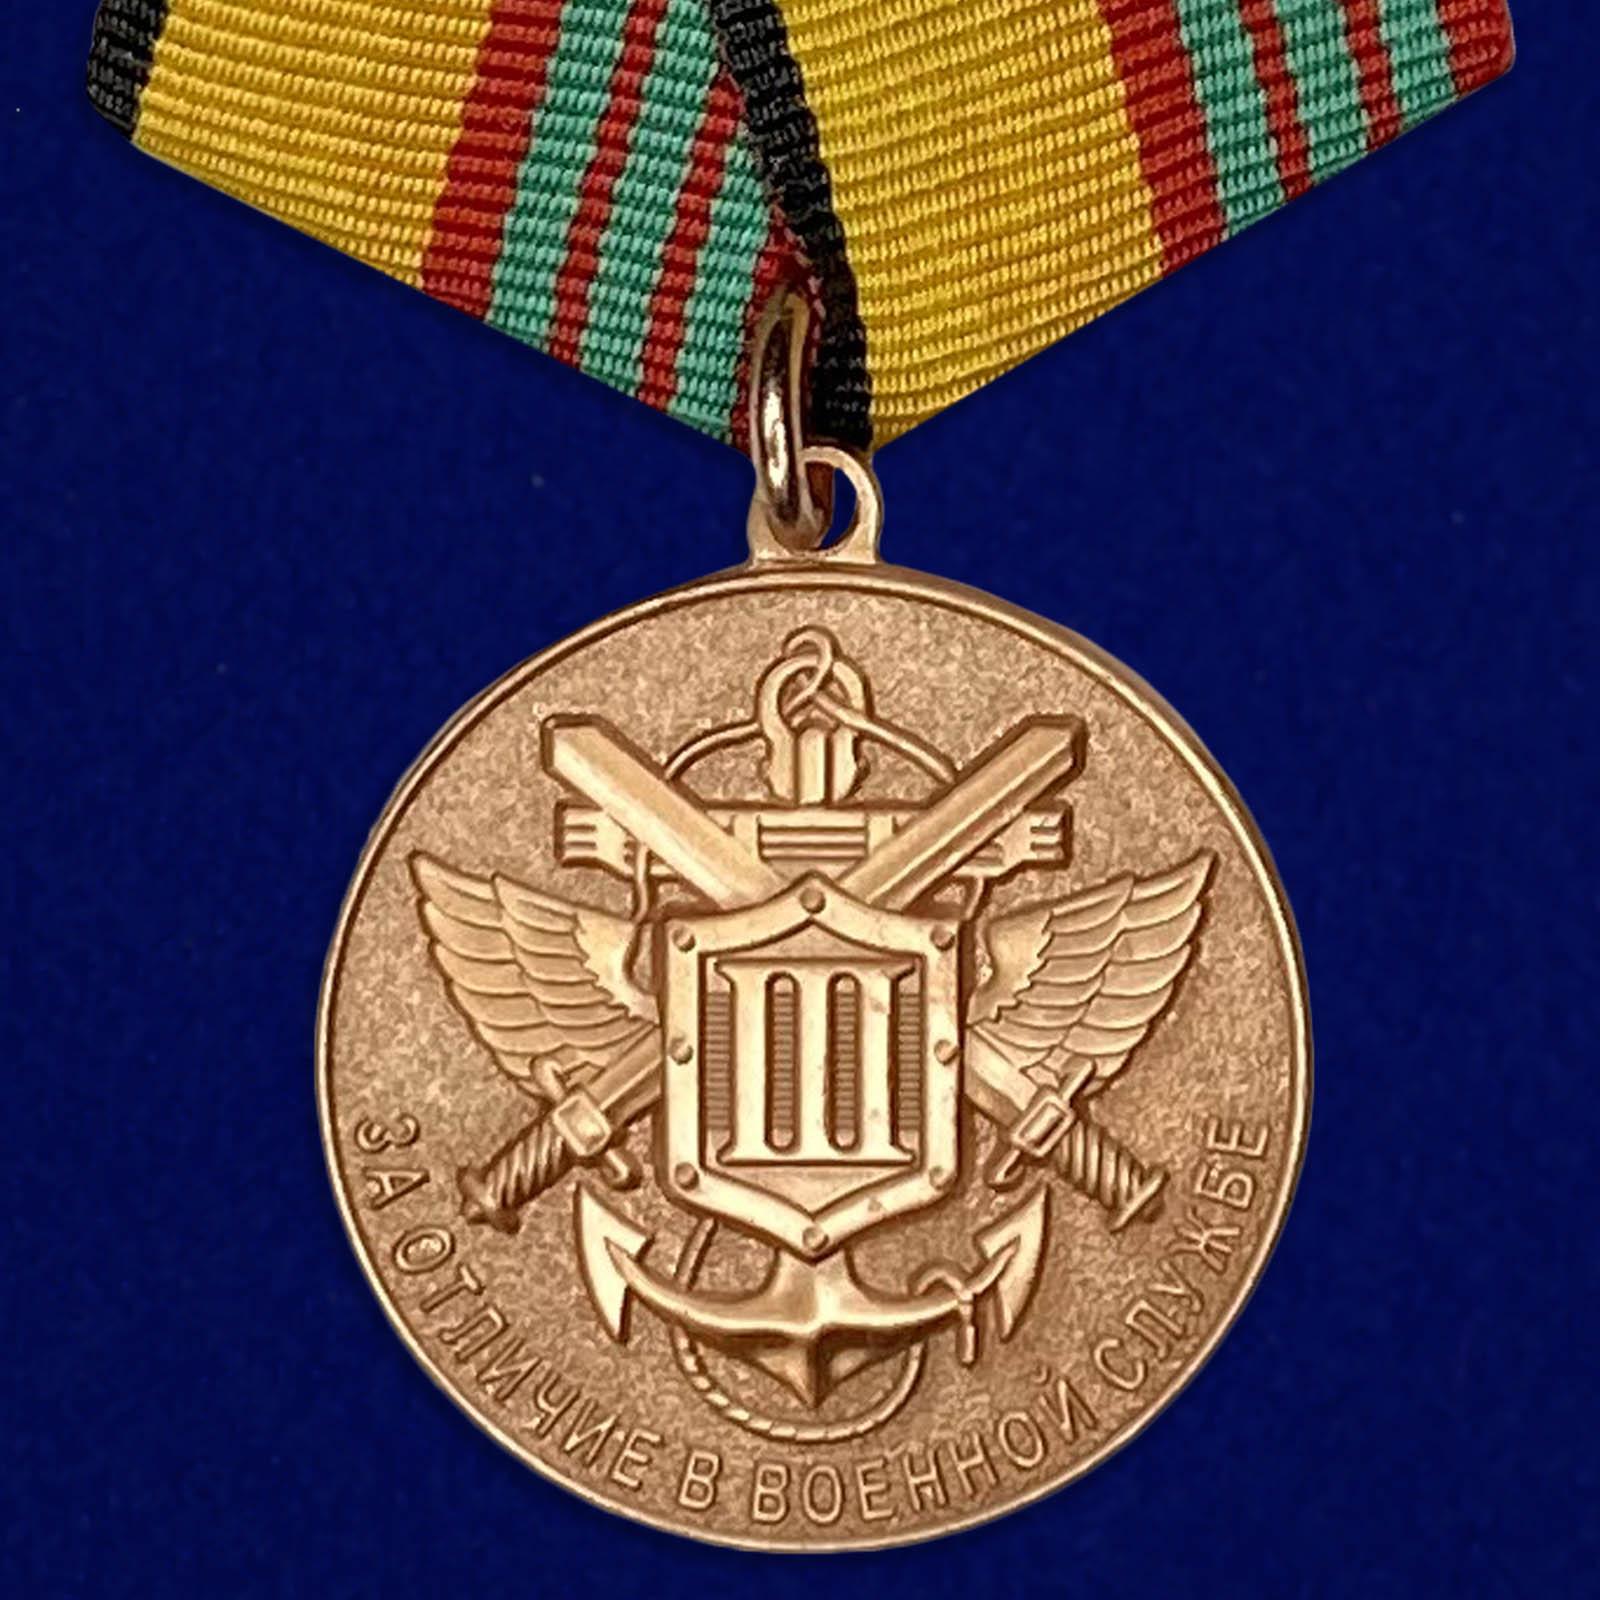 Наградная медаль МО РФ За отличие в военной службе III степени - общий вид